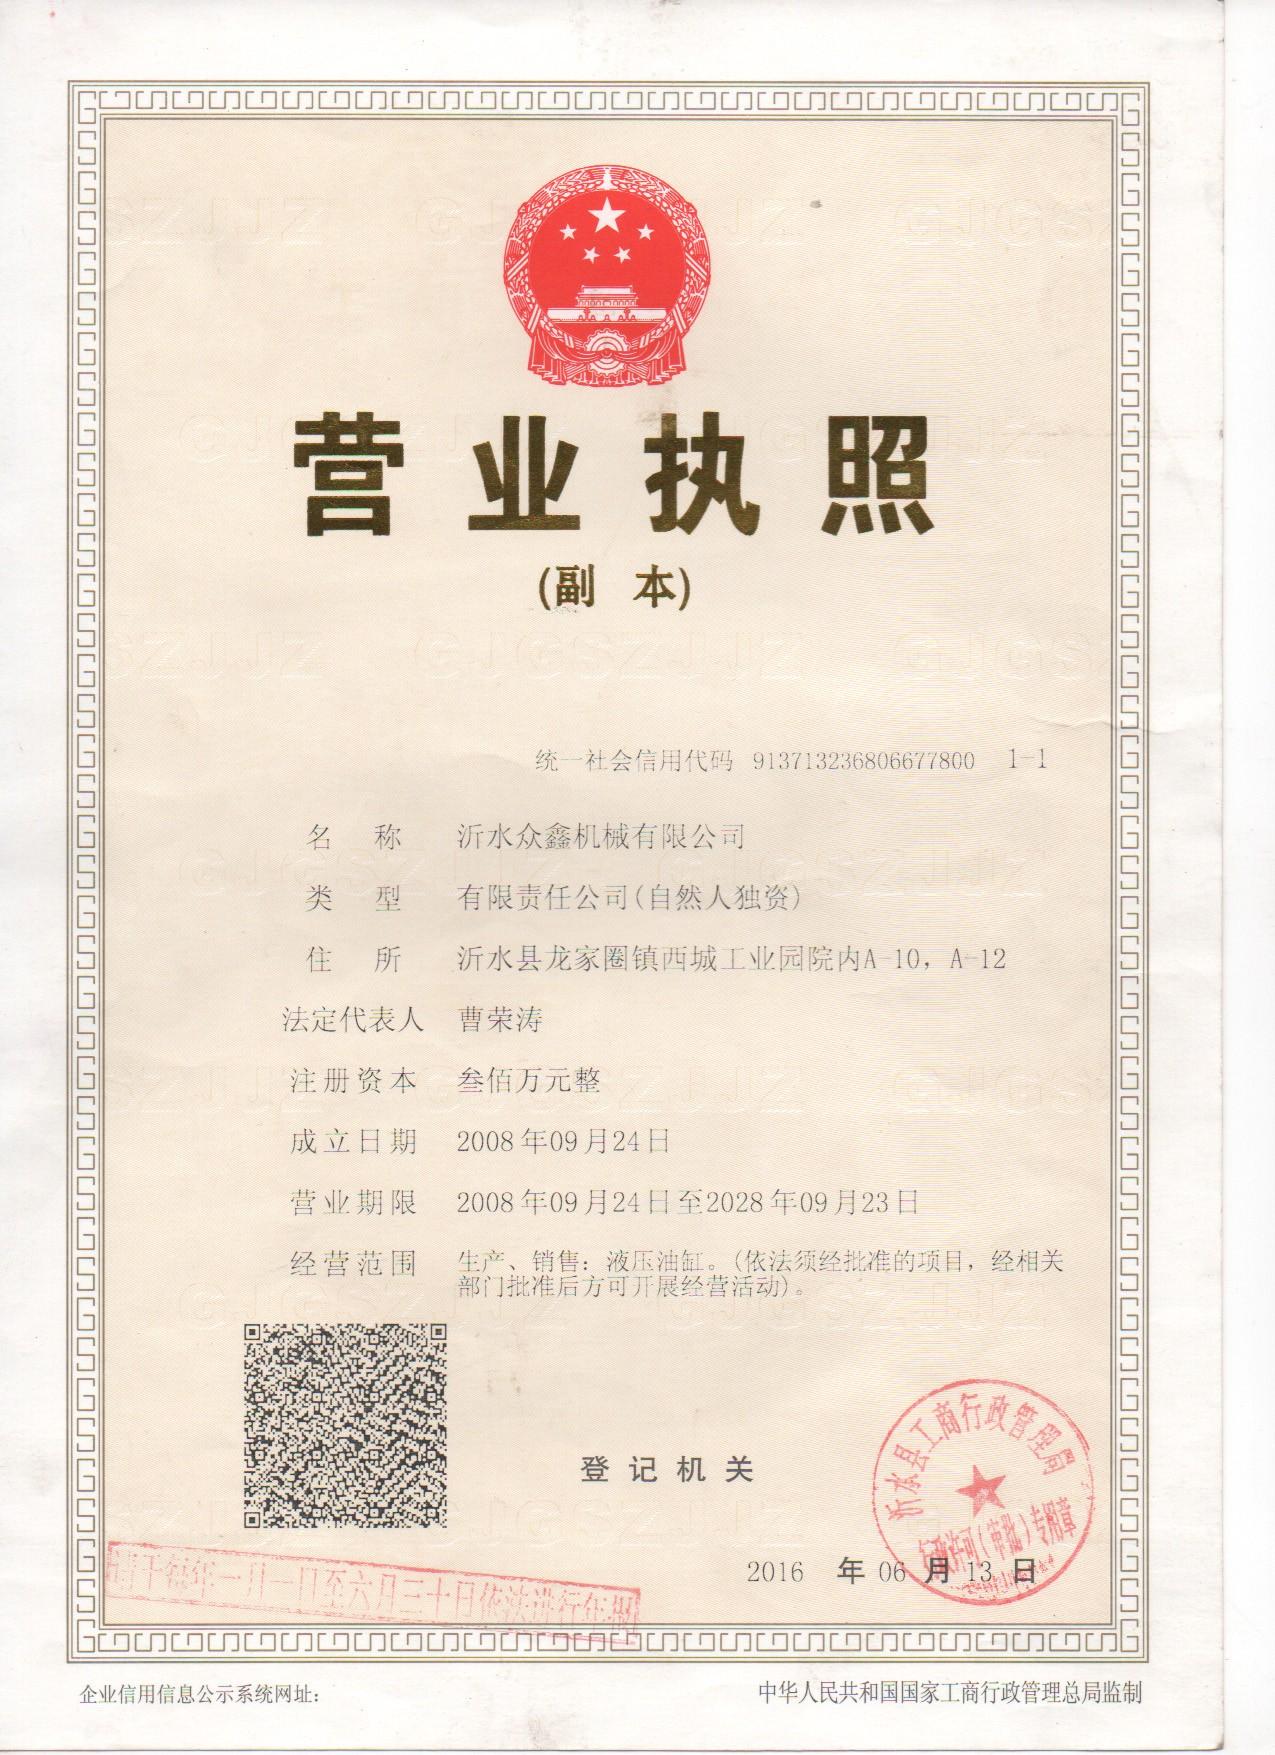 رخصة تجارية وشهادة شرف أخرى صادرة عن الحكومة